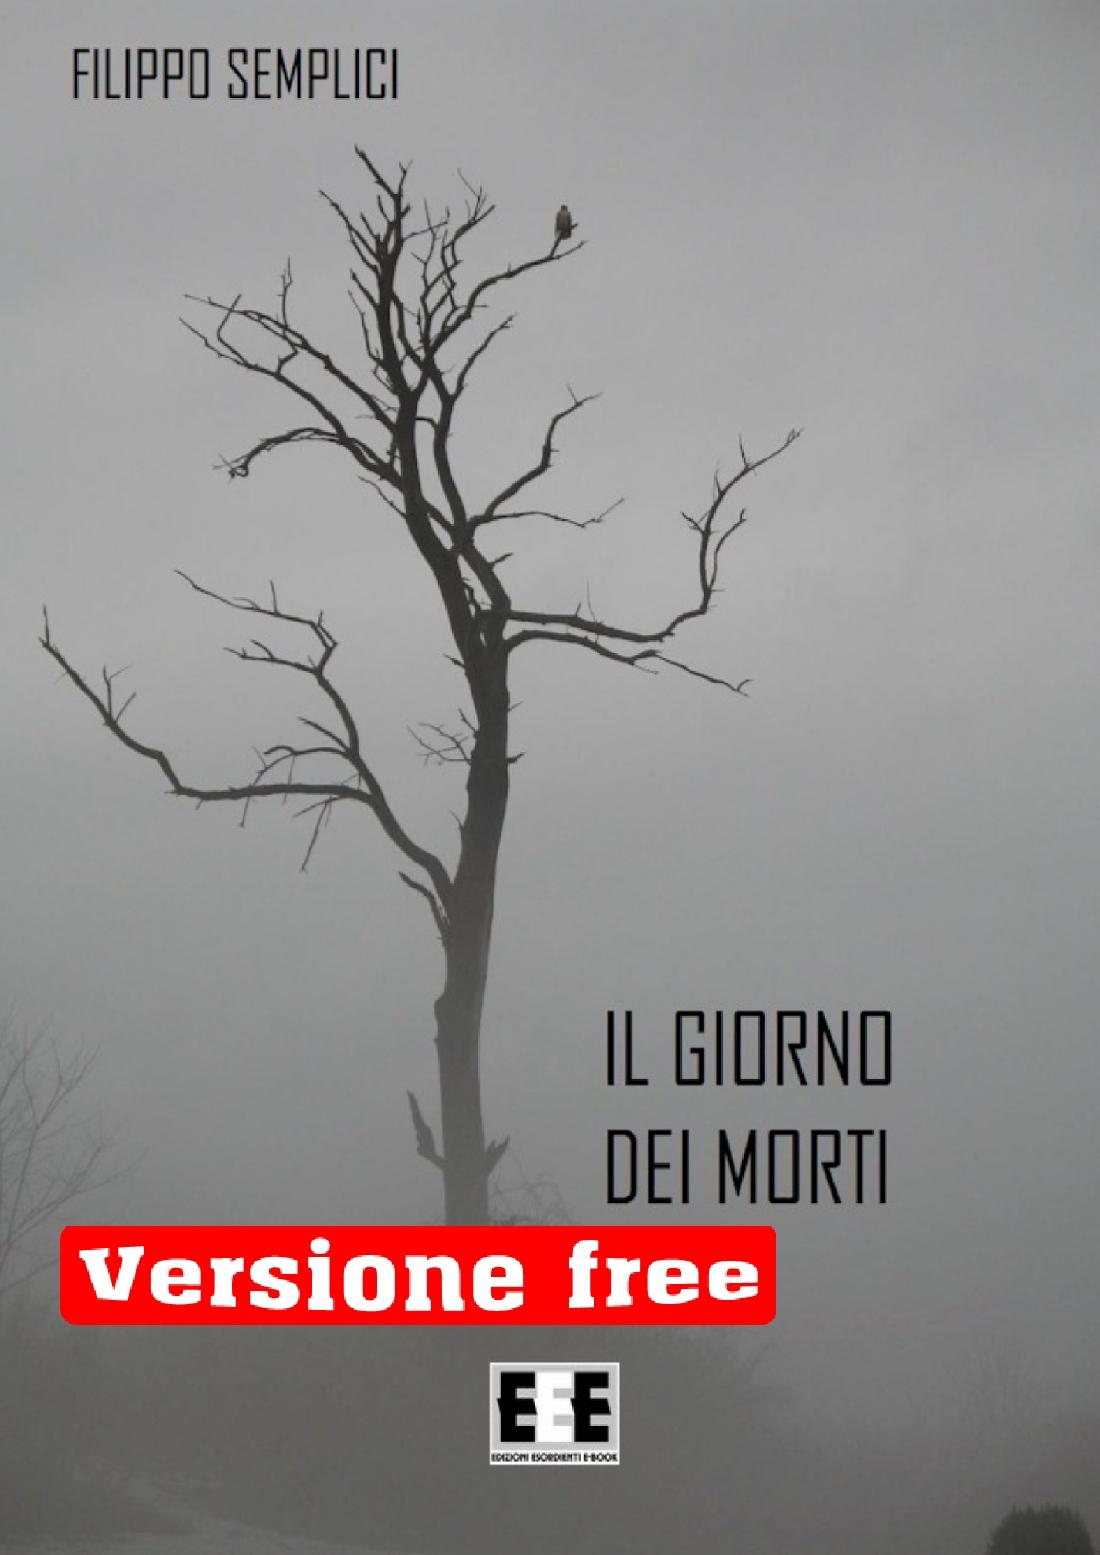 Semplici_cover_FREE